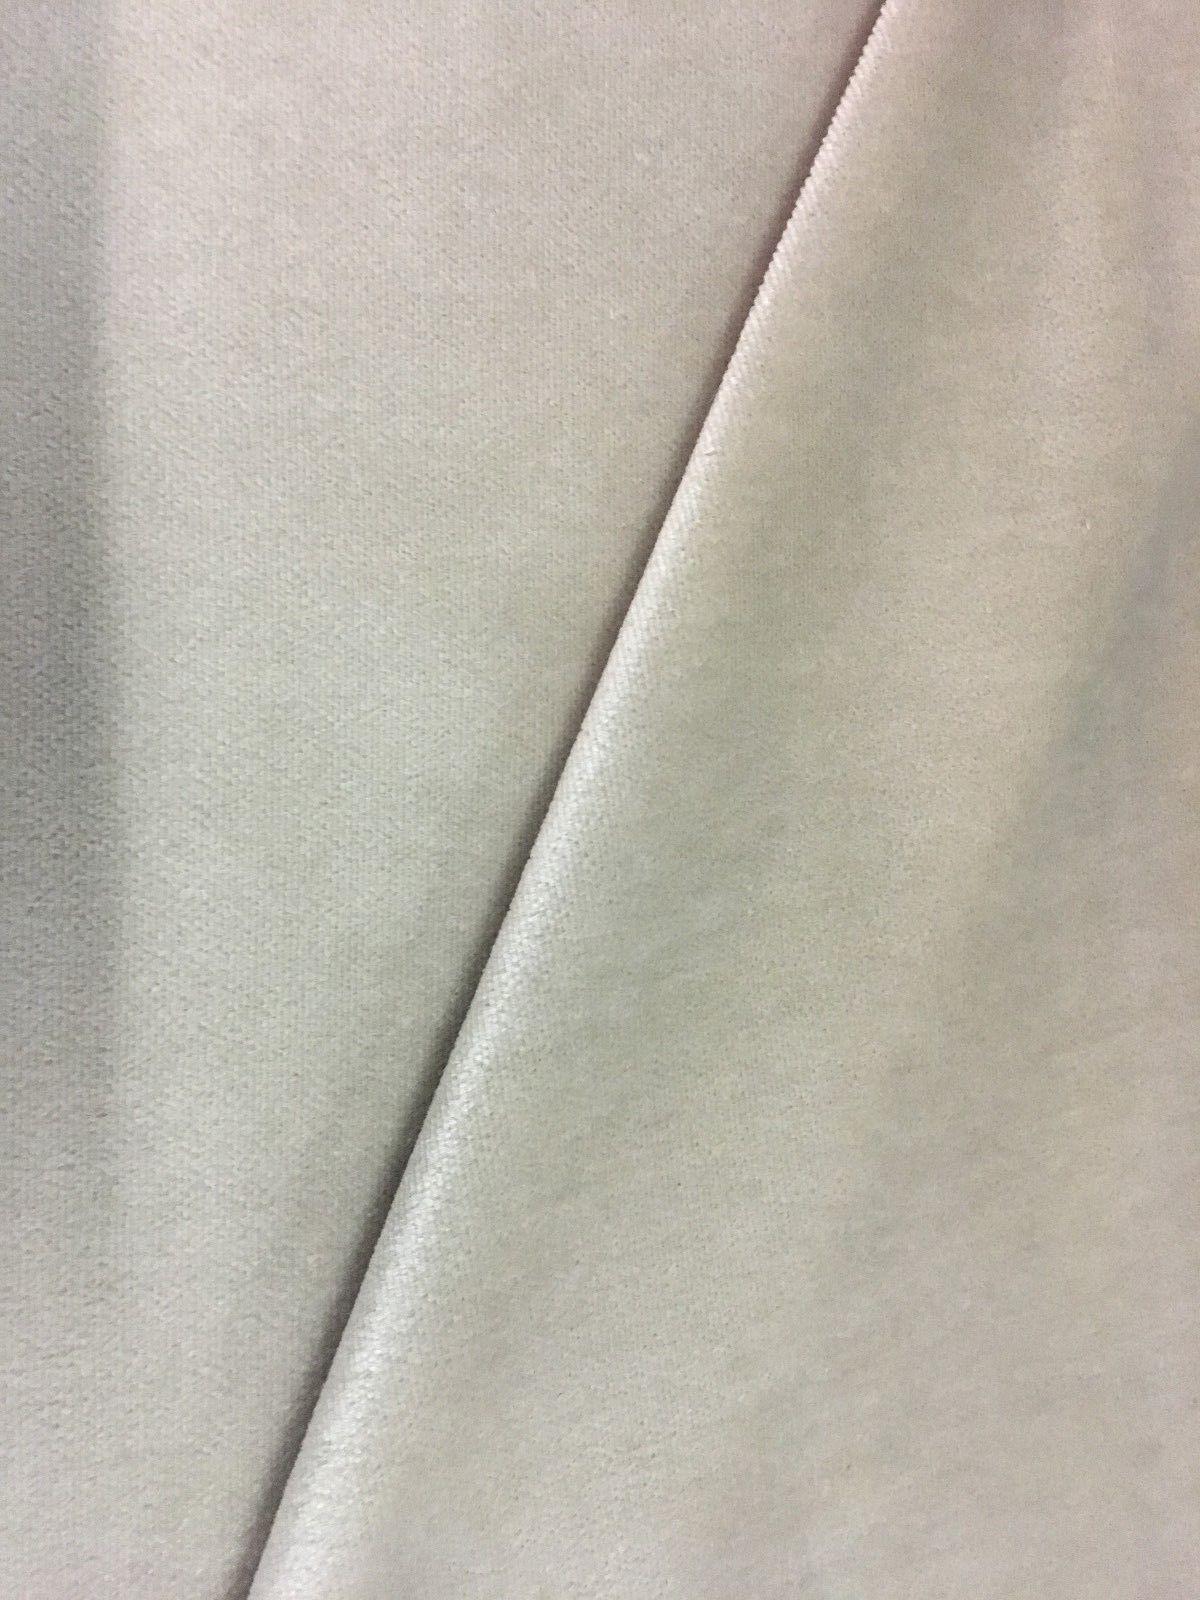 2.375 yds Velvet Upholstery Fabric Light Pearl AL7